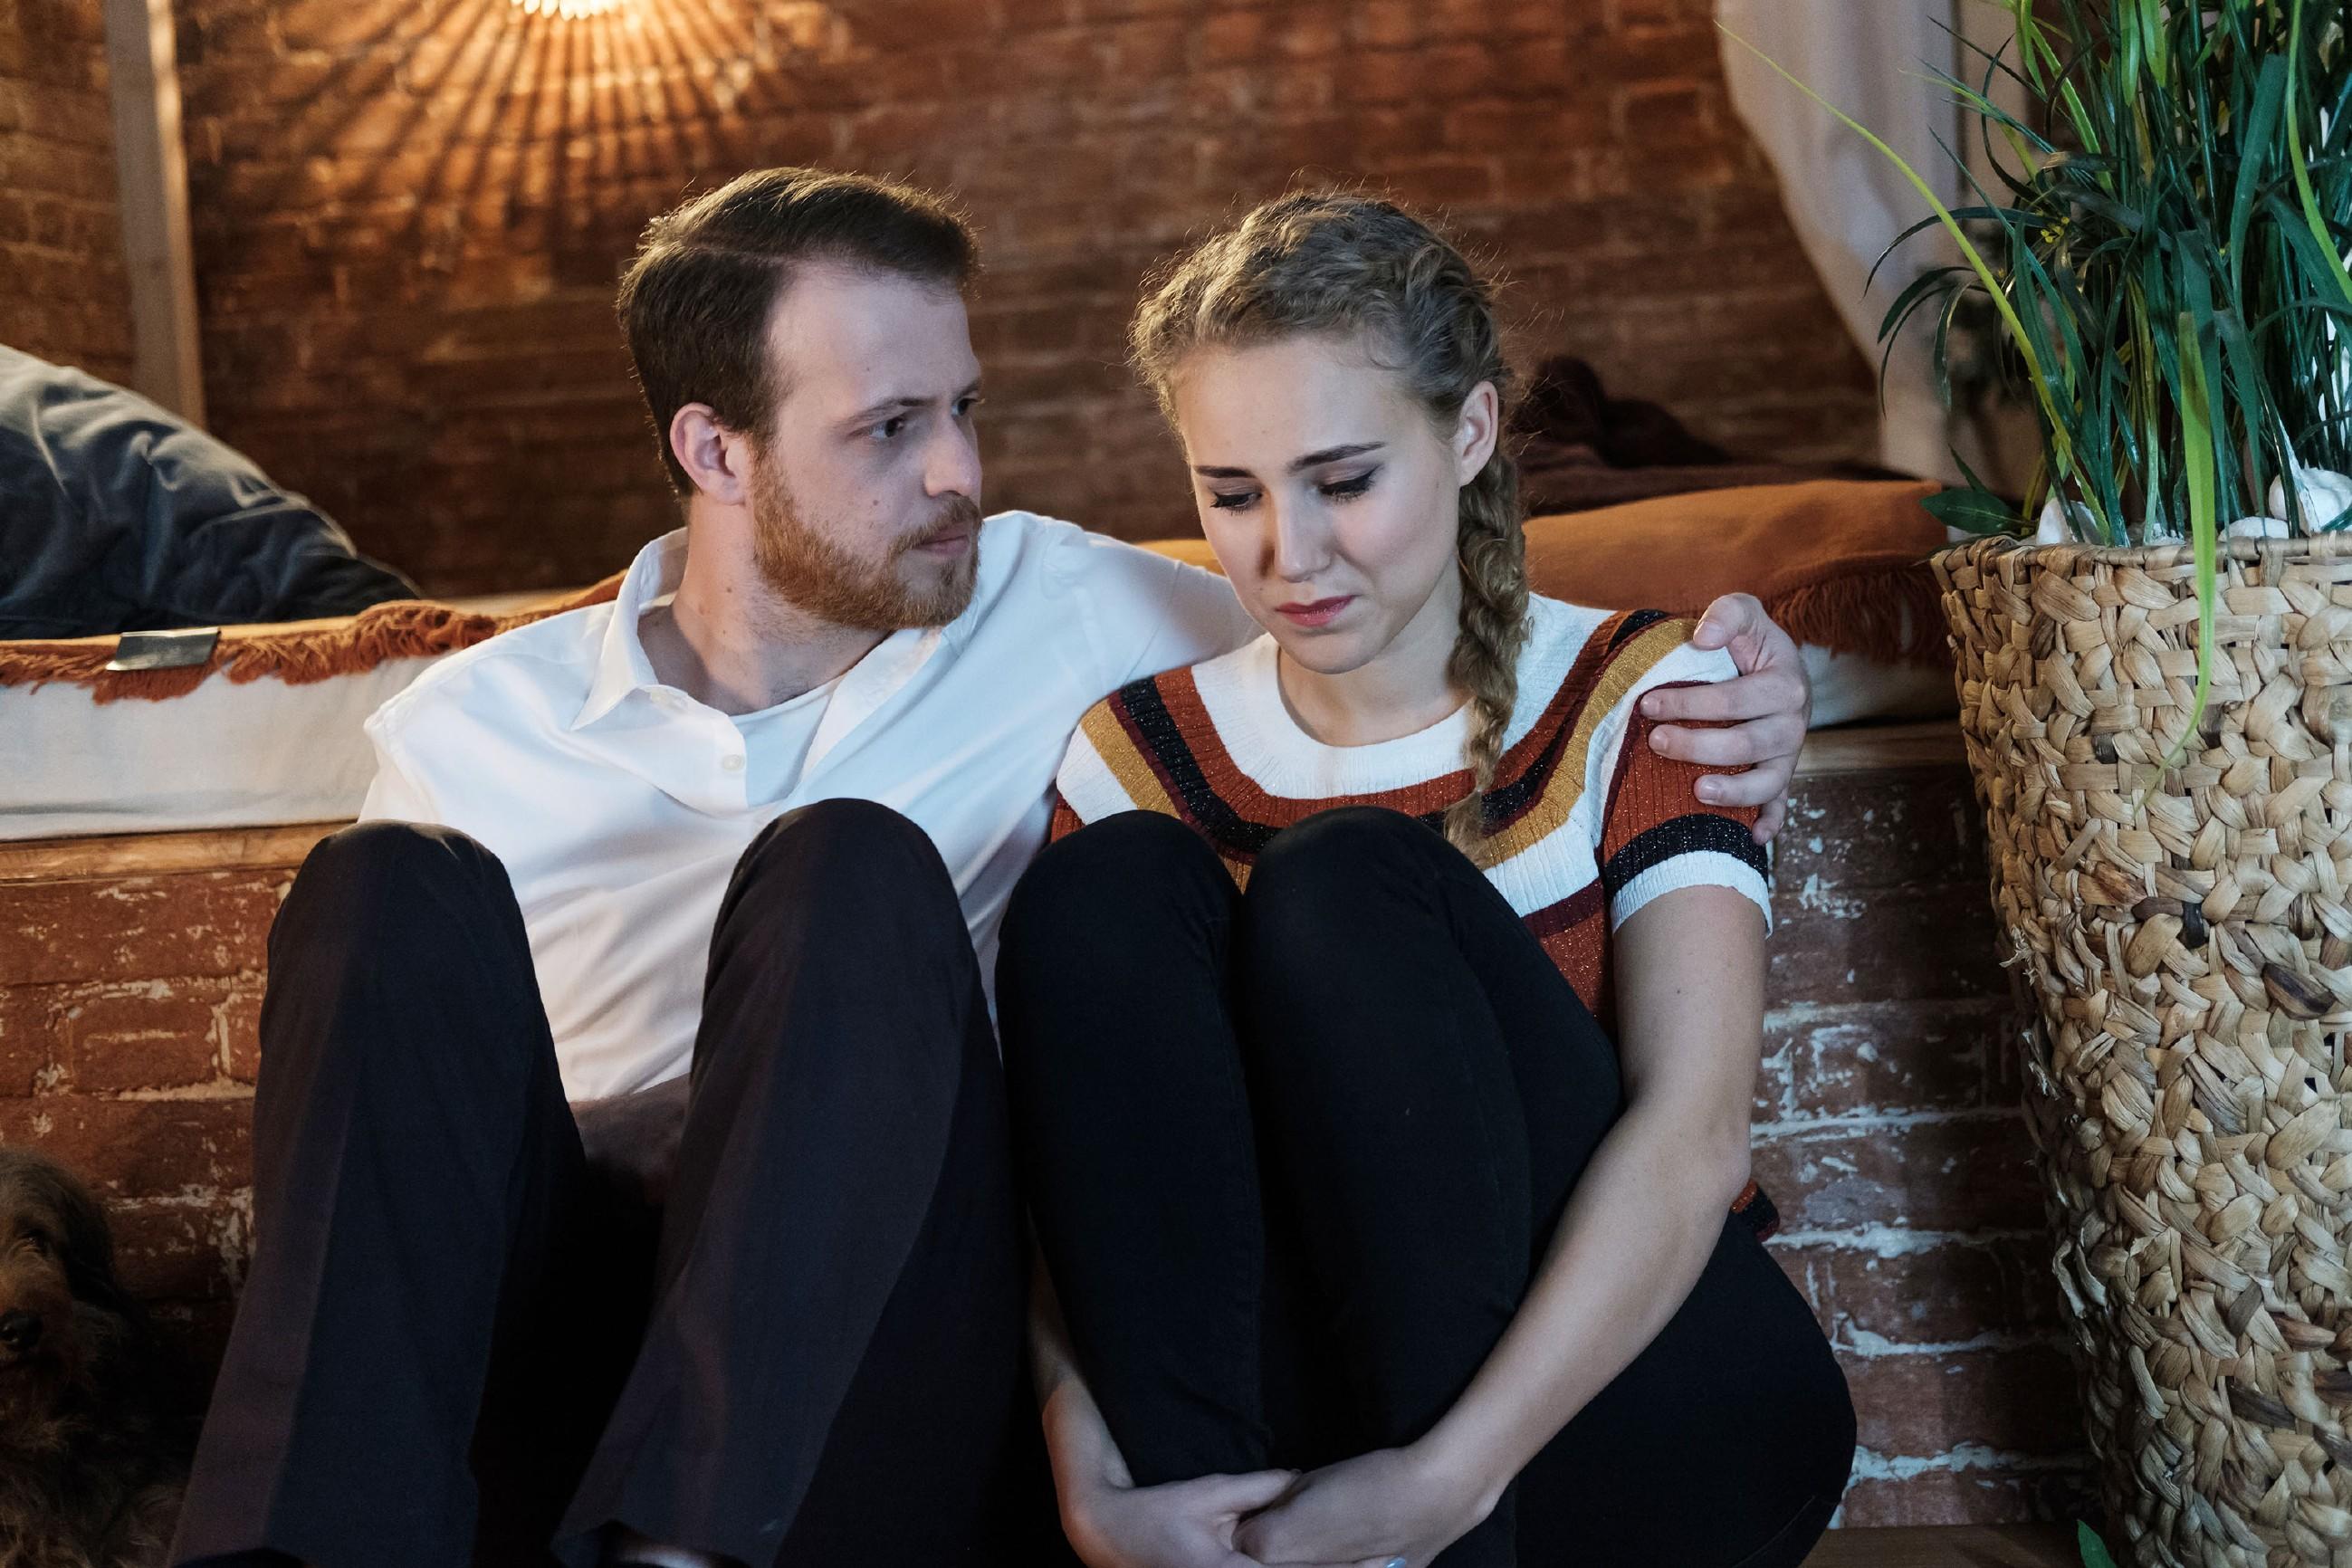 Tobias (Patrick Müller) fängt KayC (Pauline Angert) auf, als diese droht, zusammenzubrechen. (Quelle: RTL / Stefan Behrens)